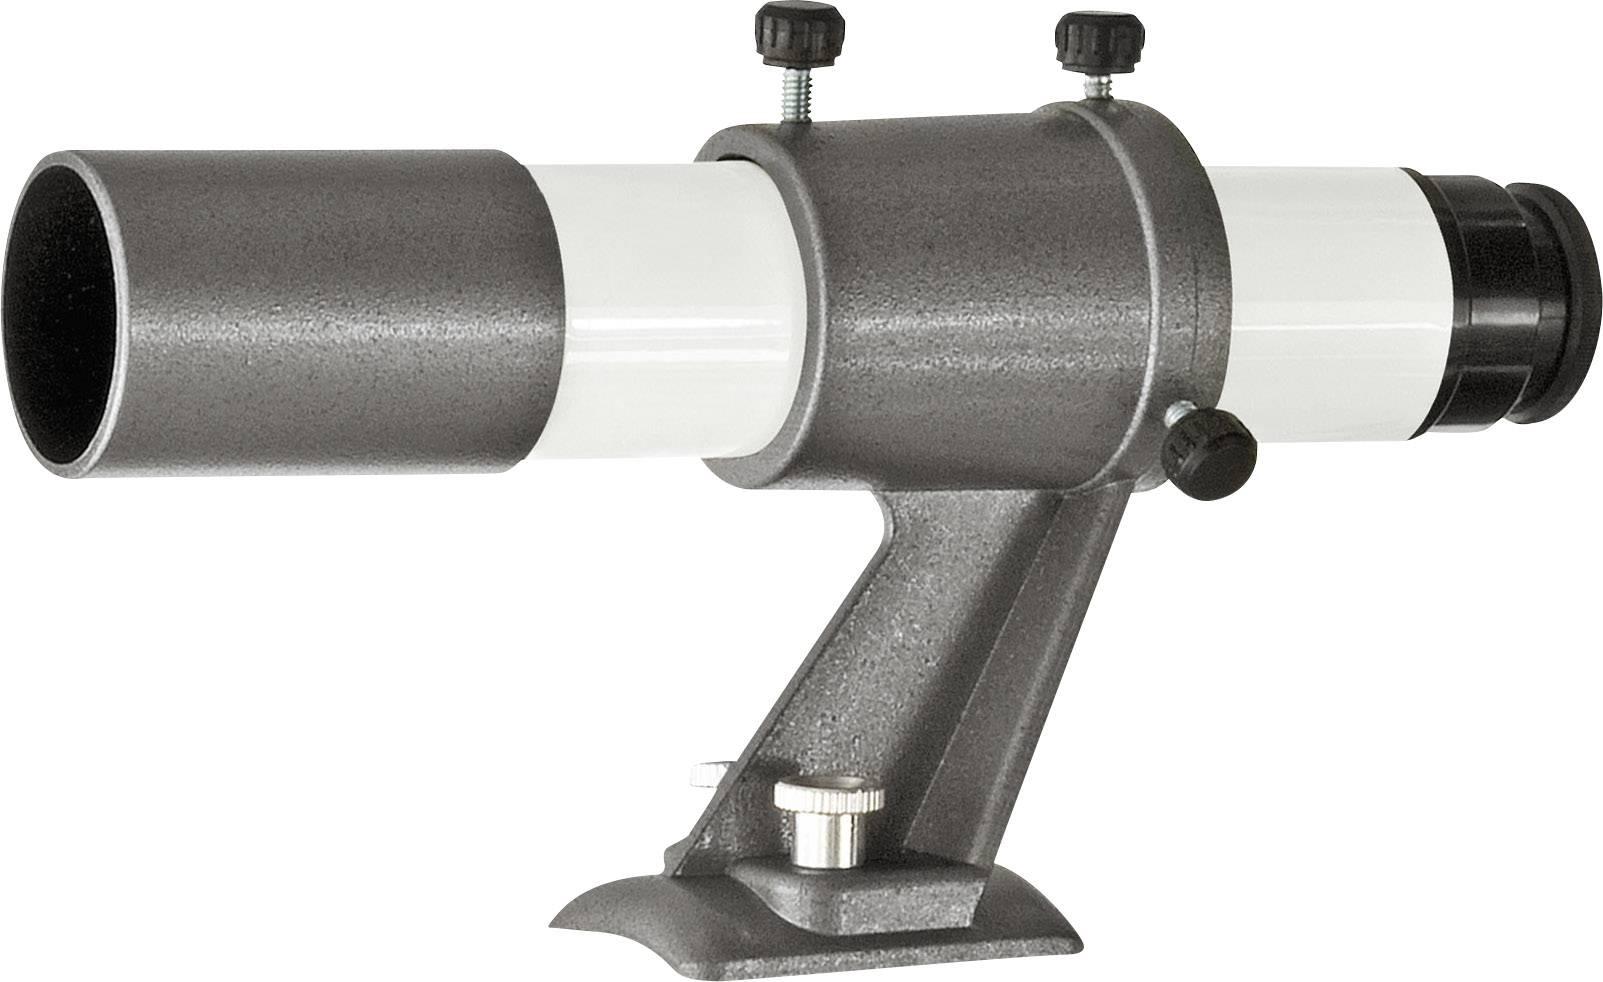 Teleskop linsen linsen teleskop ebay kleinanzeigen danubia mars